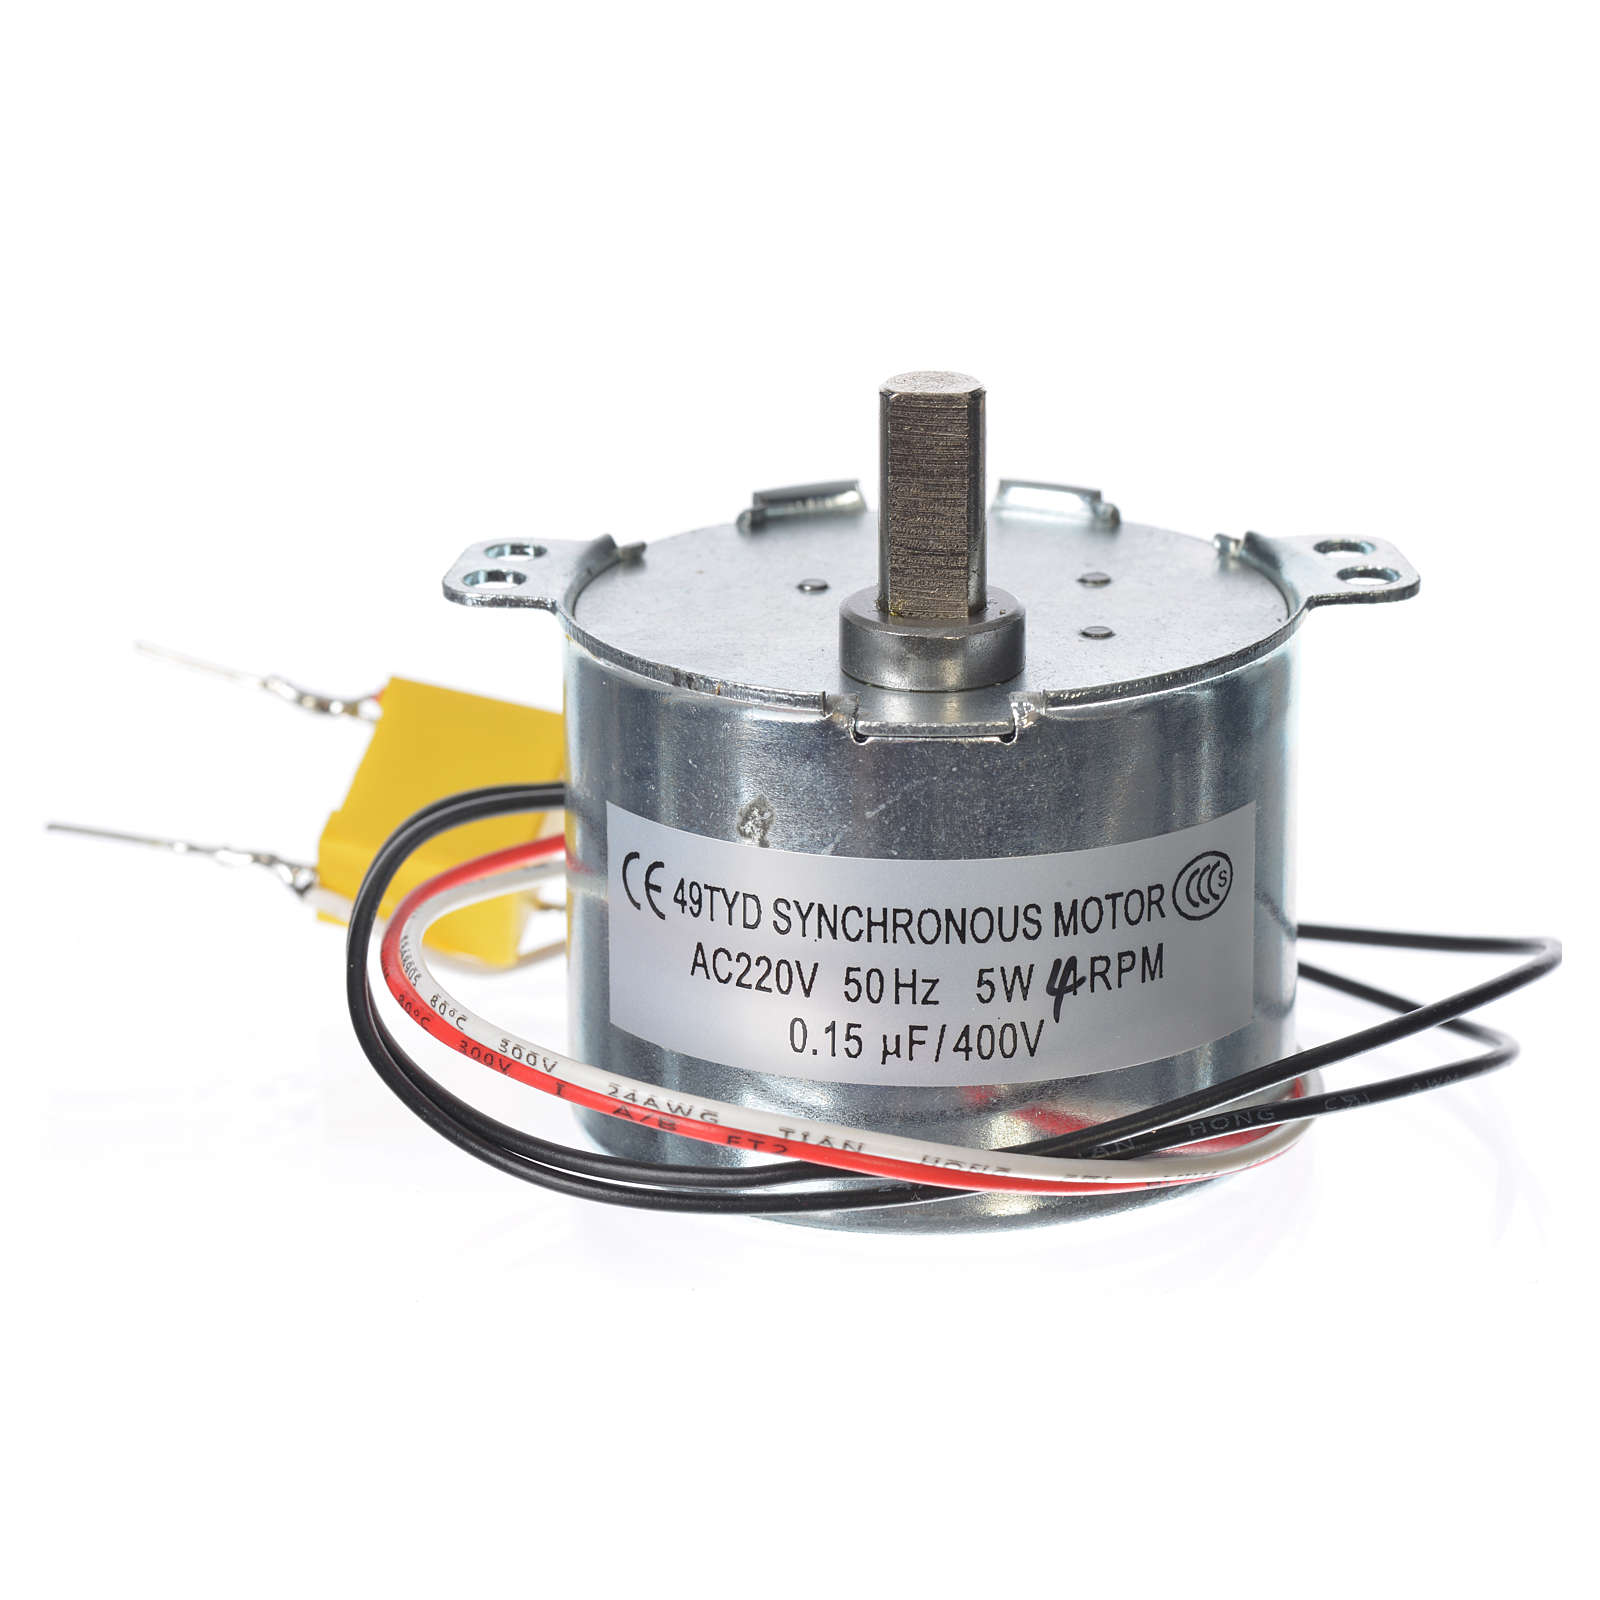 Motoriduttore MV 4 giri/min presepe 4